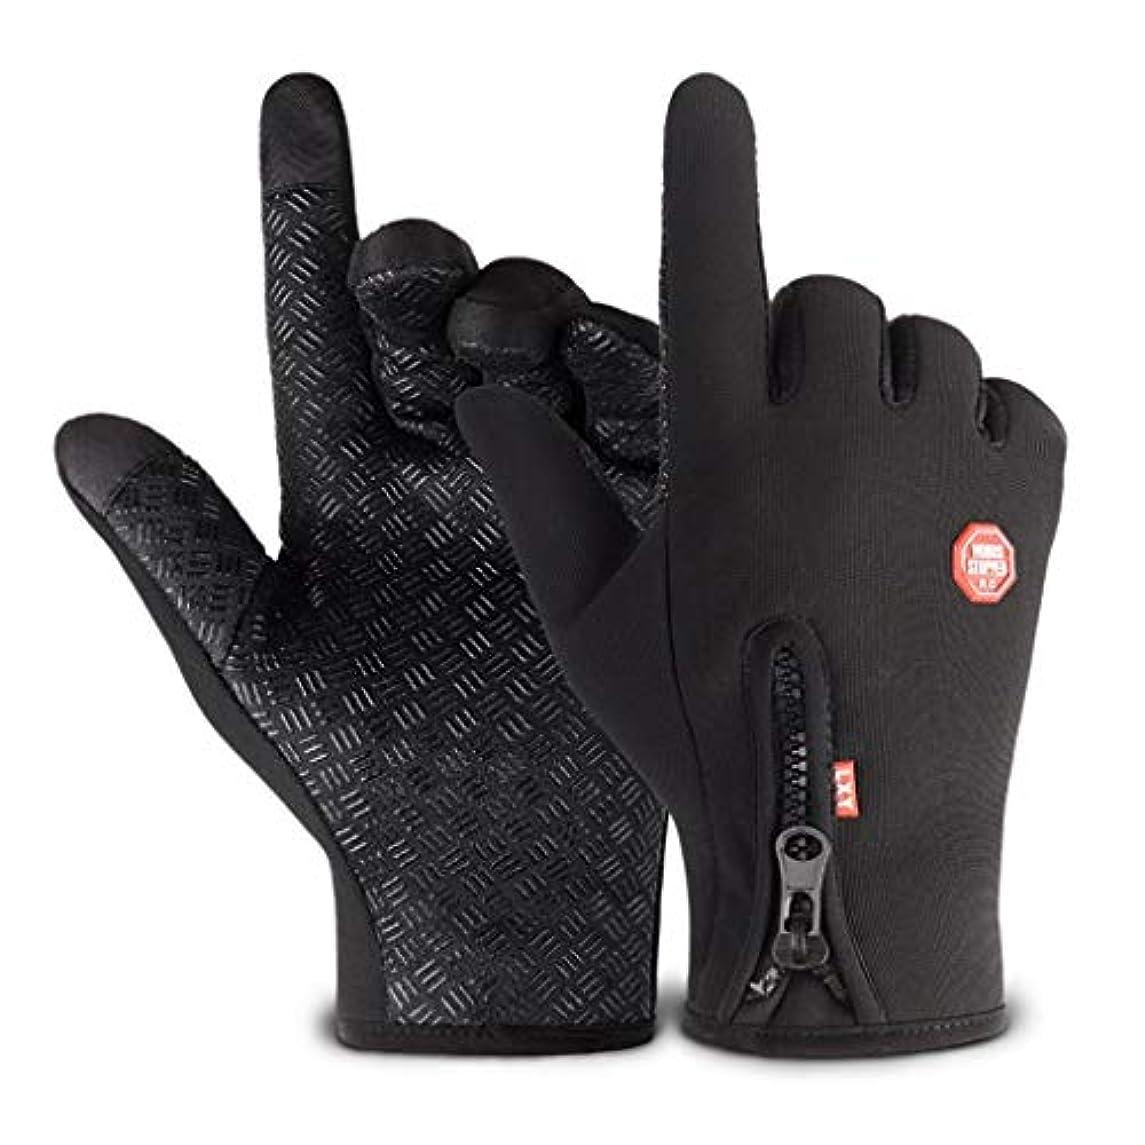 手袋男性の秋と冬の自転車電動バイクの女性のタッチスクリーン全天候防風ノンスリップ暖かいコールドプラスベルベット弾性手袋ワンサイズ黒